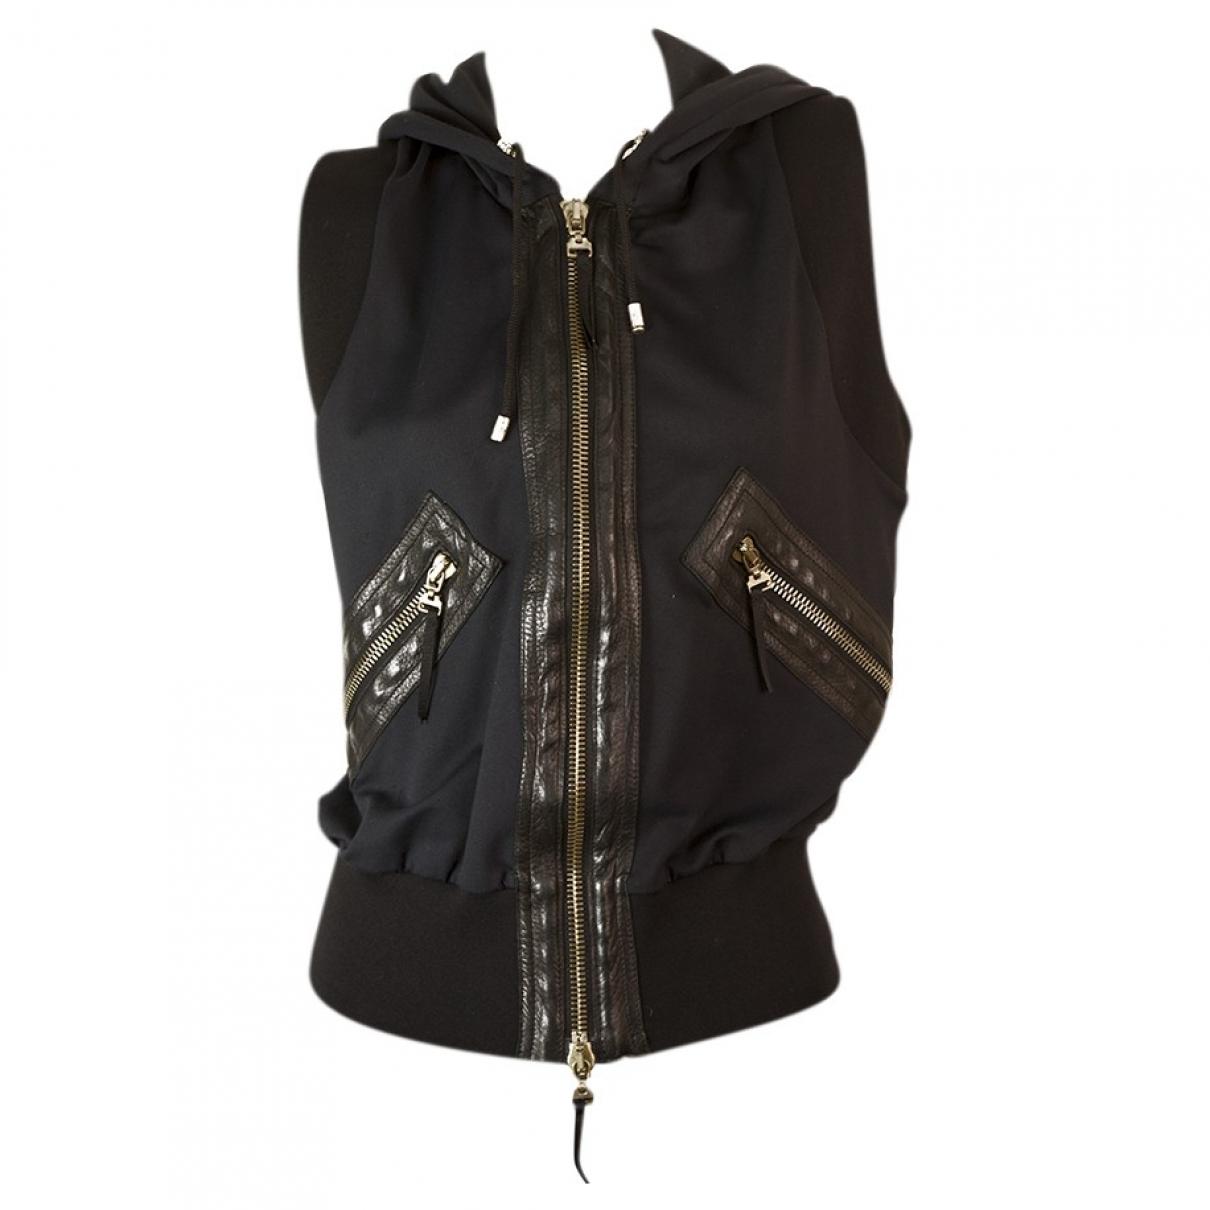 Gianfranco Ferré \N Black jacket for Women 42 IT